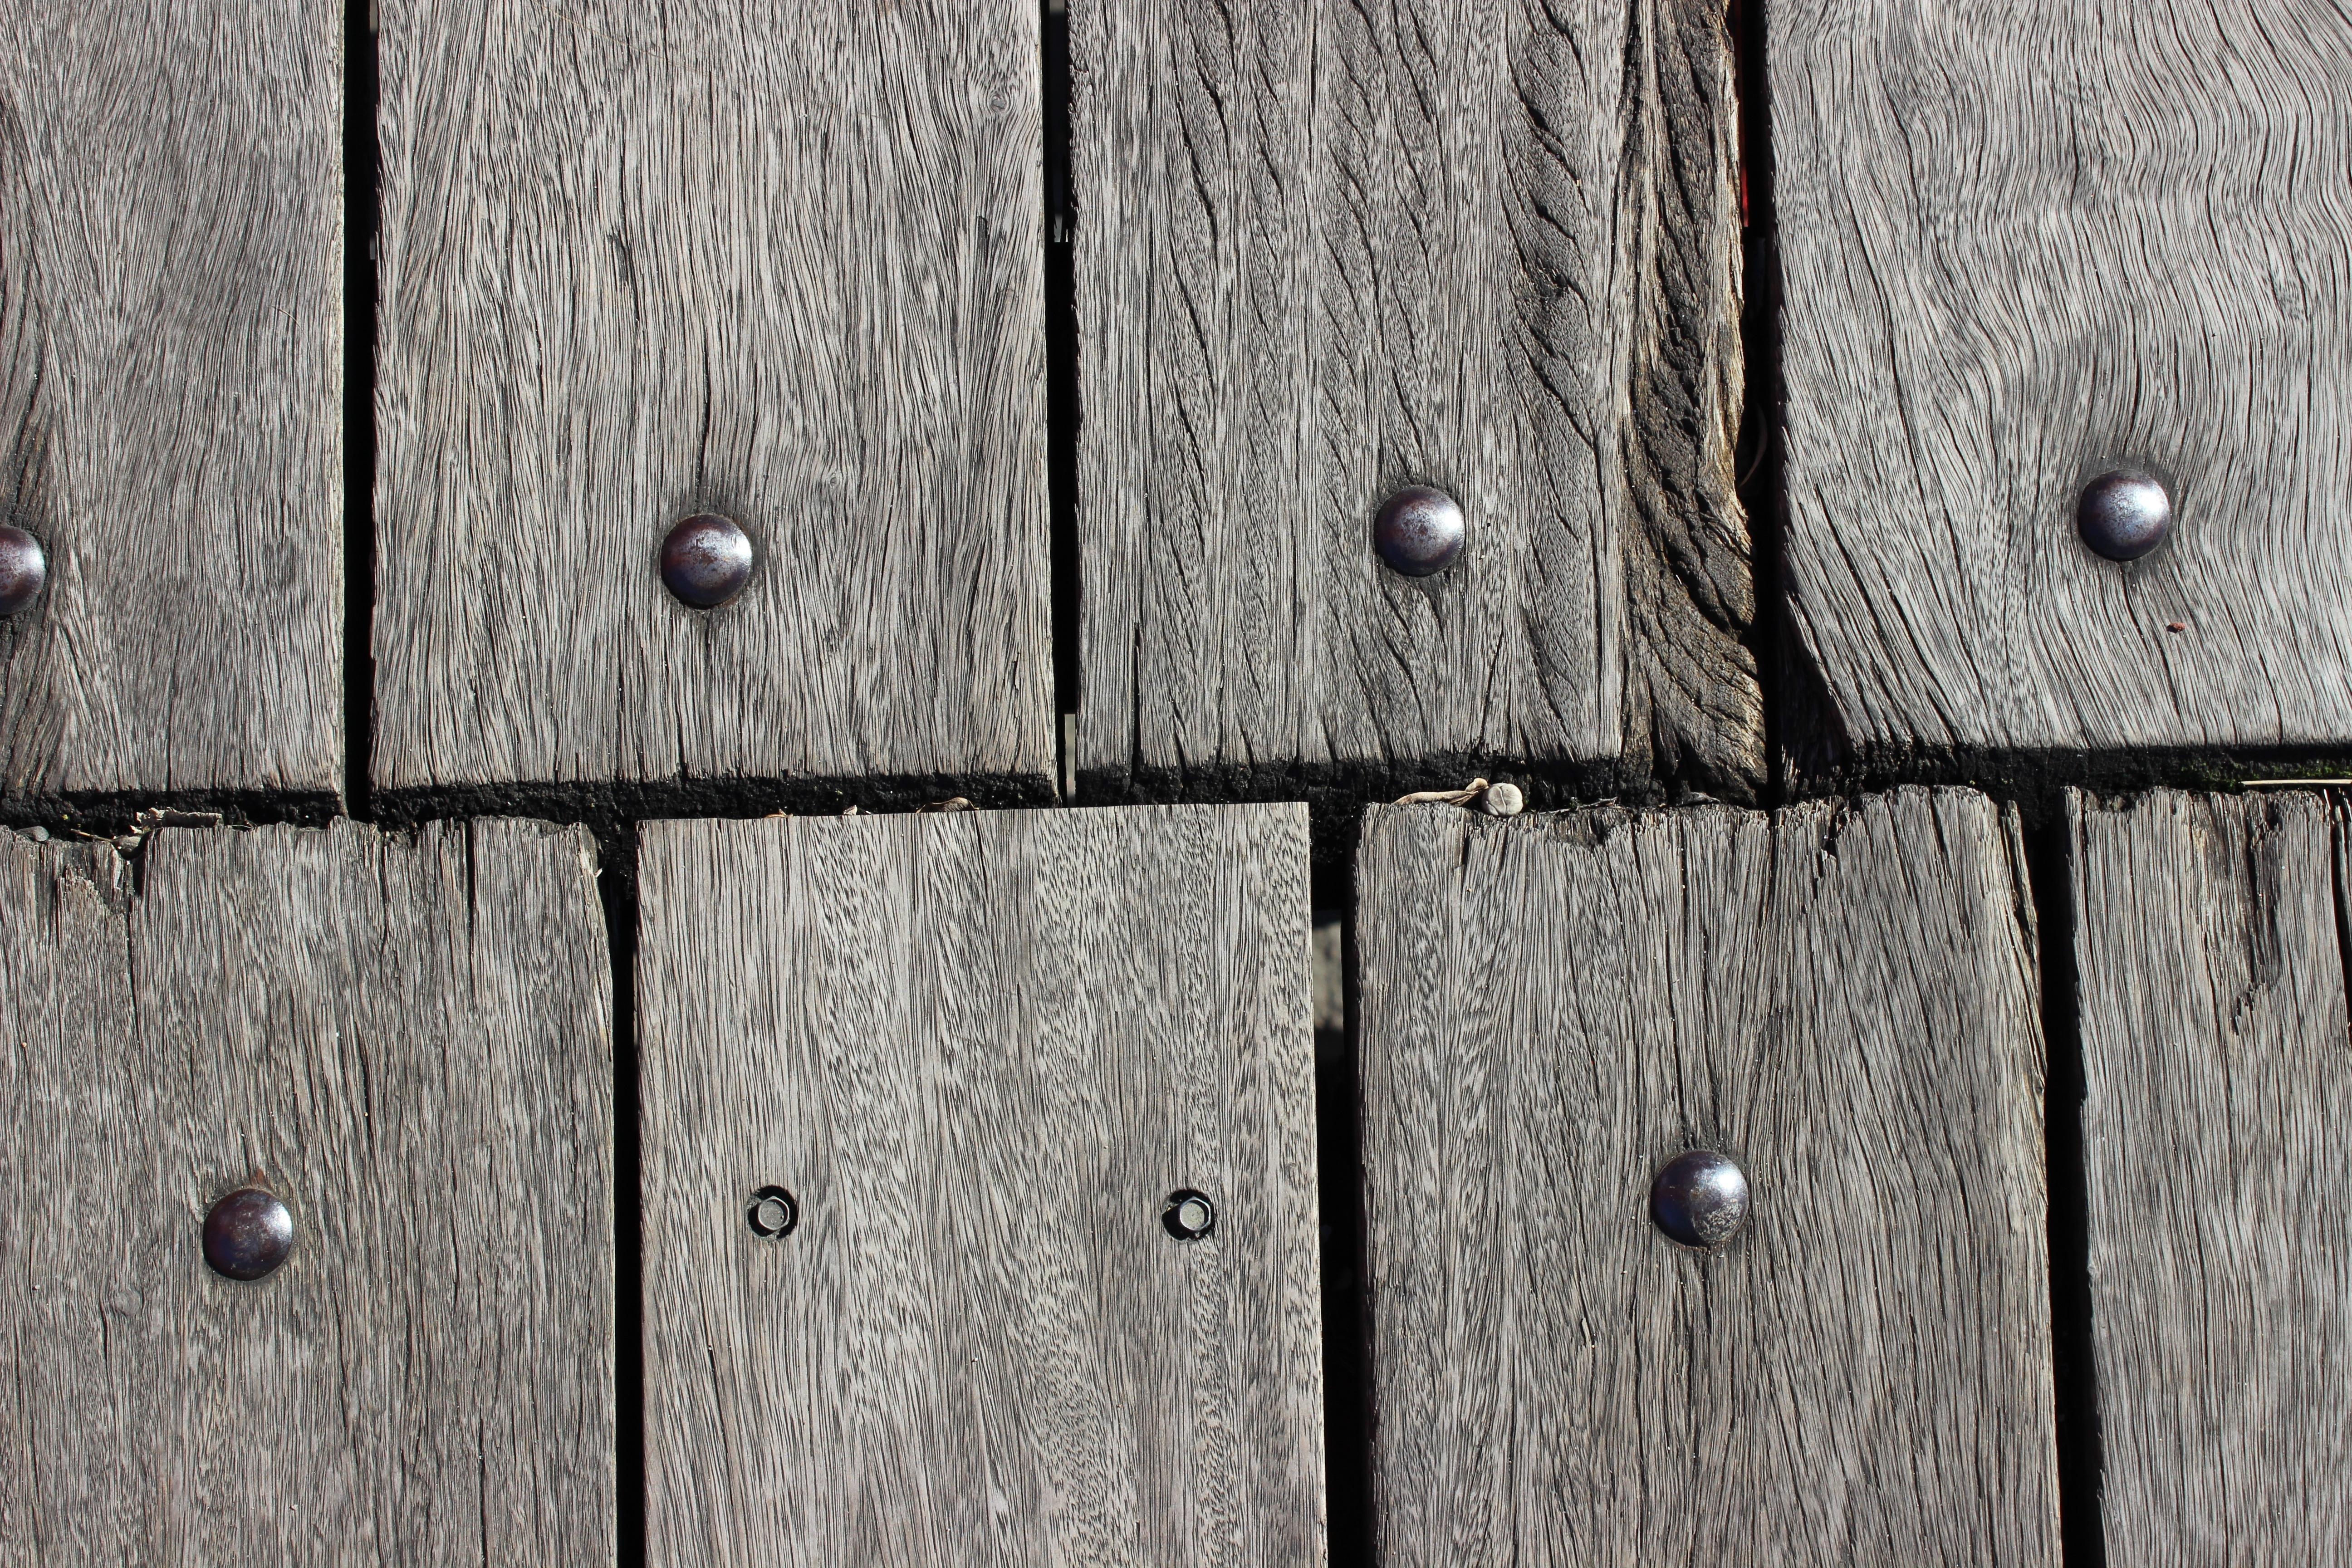 Immagini belle : albero legna struttura tavola parete linea